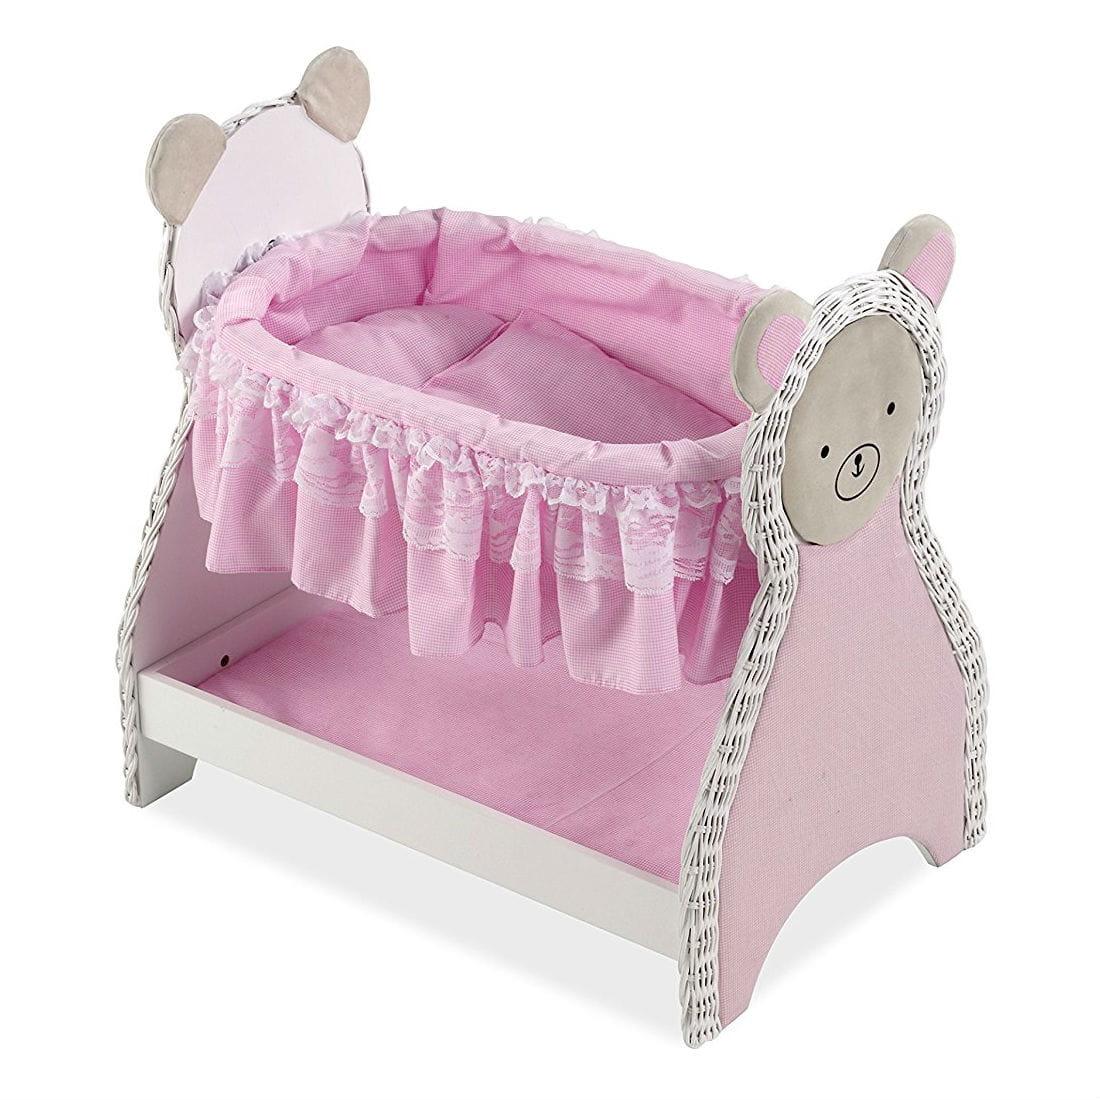 Кроватка для кукол Arias Т59796 деревянная - 52 см